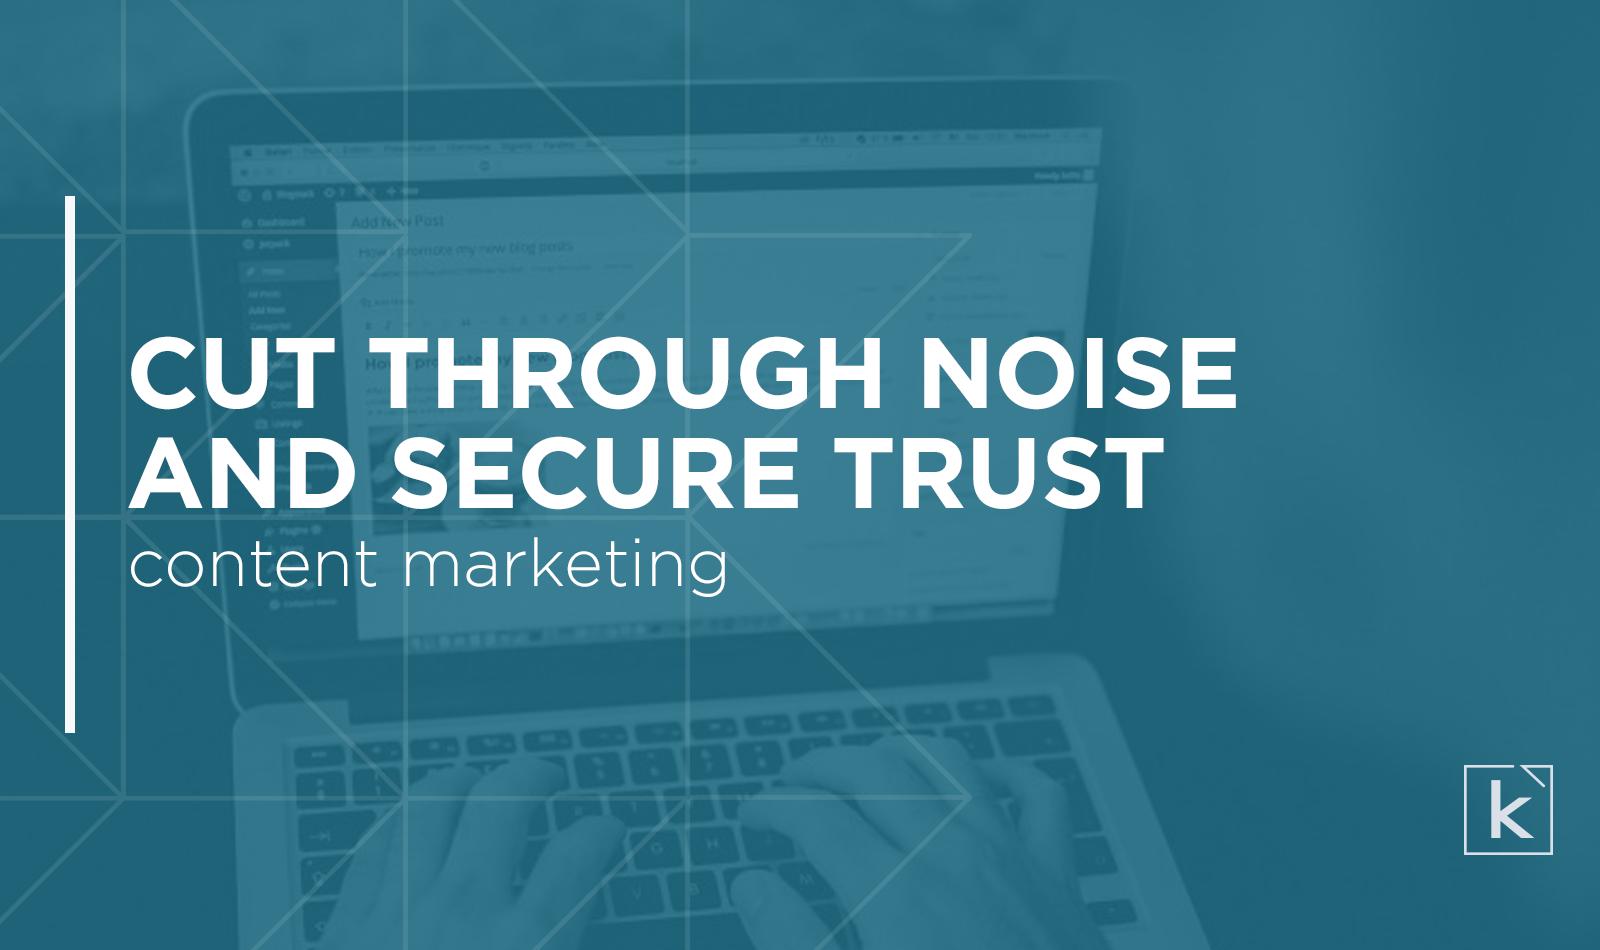 cut-through-noise-secure-trust-content-marketing